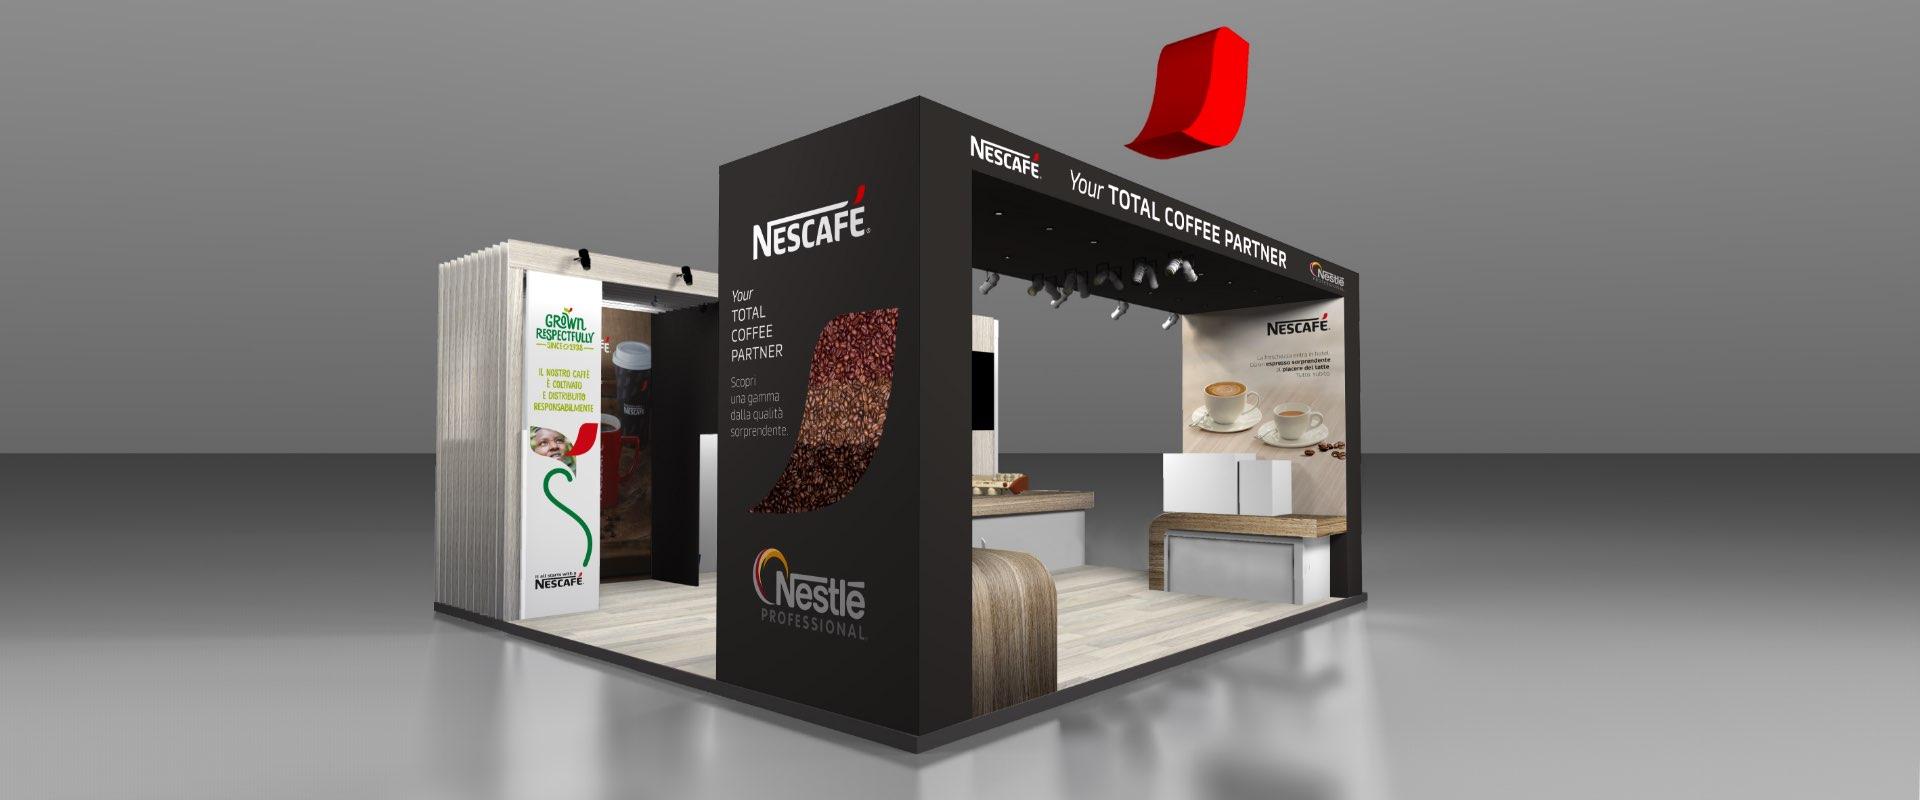 design stand SIGEP Nestlé professional Nescafé